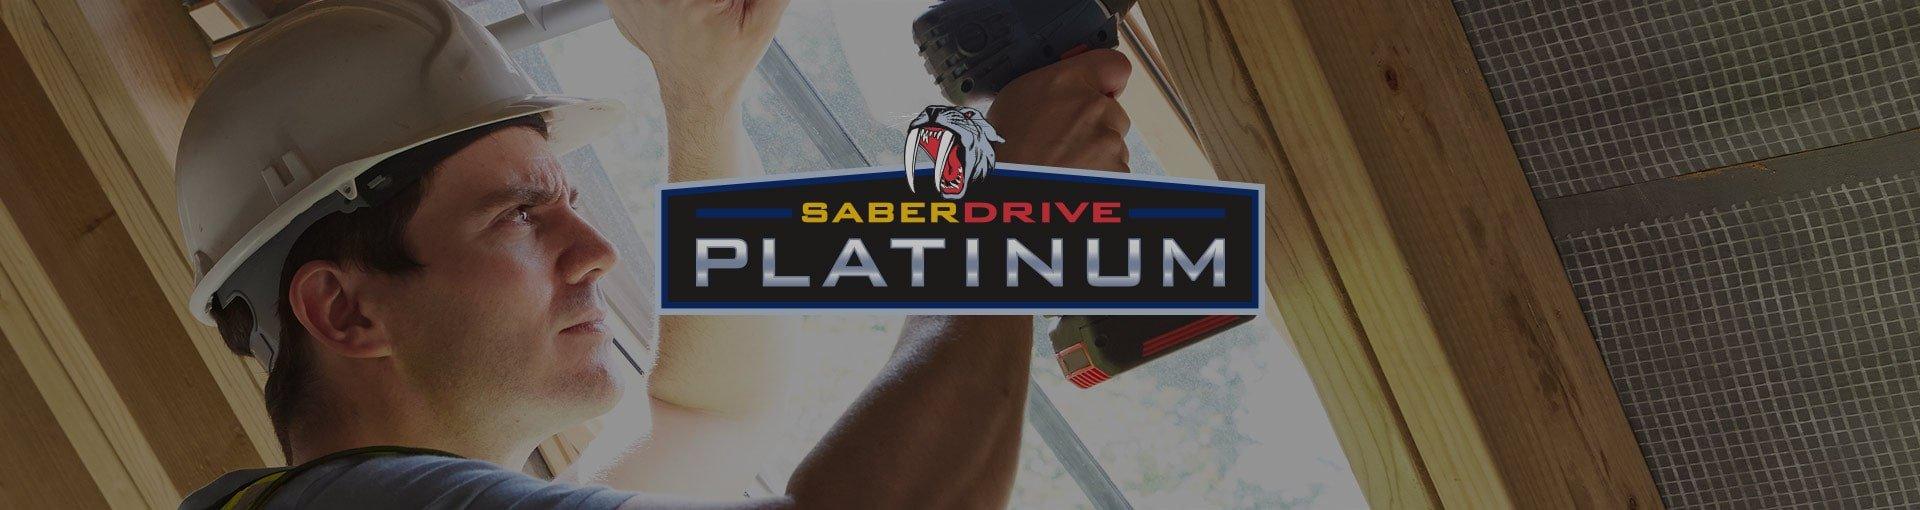 Sabre Drive Platinum